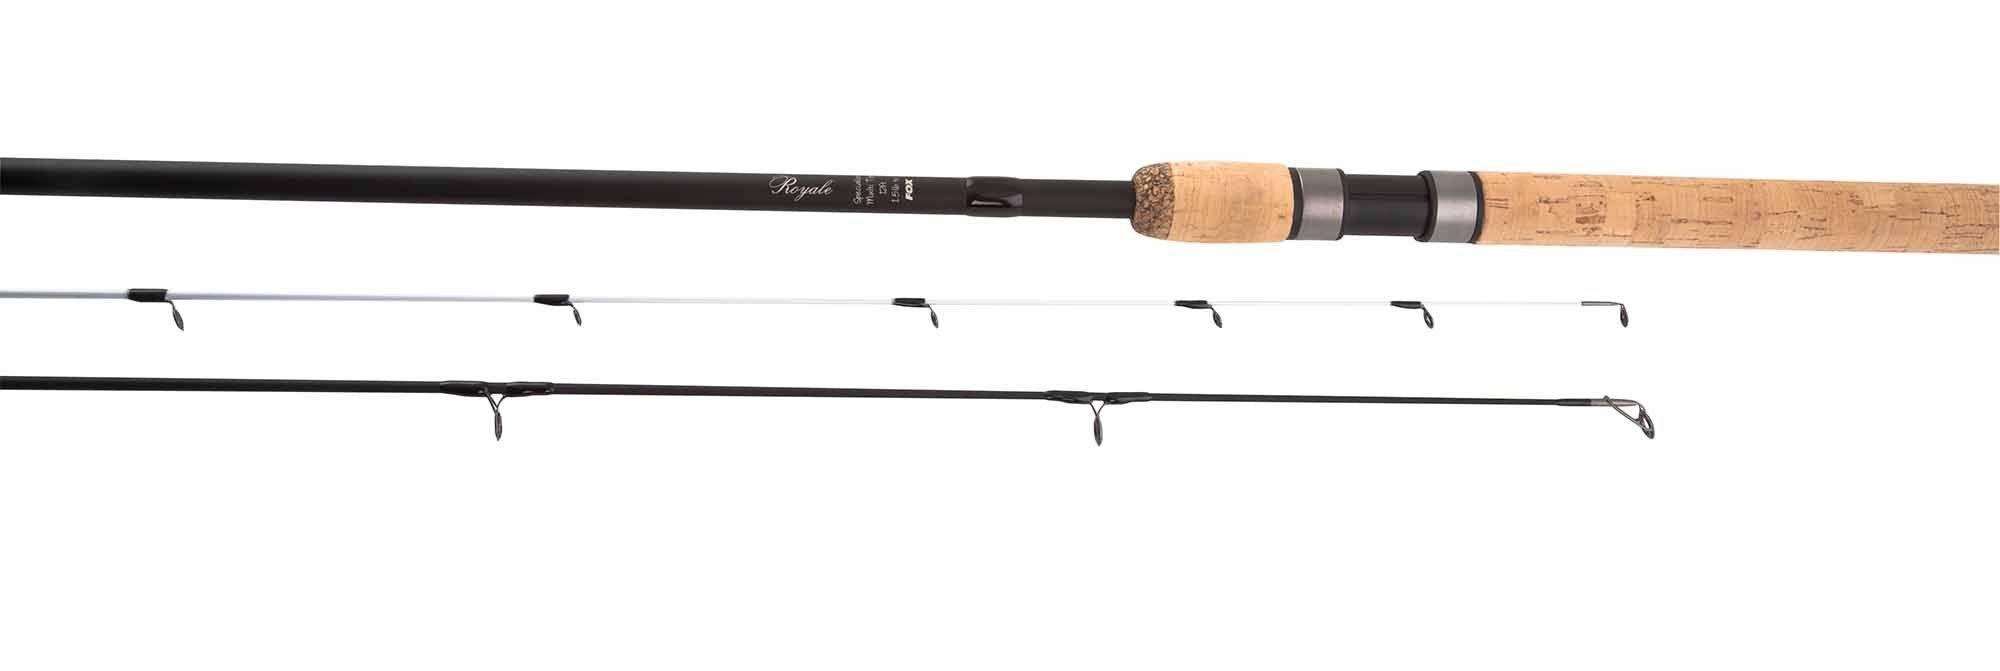 Prút Fox Royale barbel Špecialista multi tip 3.65 m